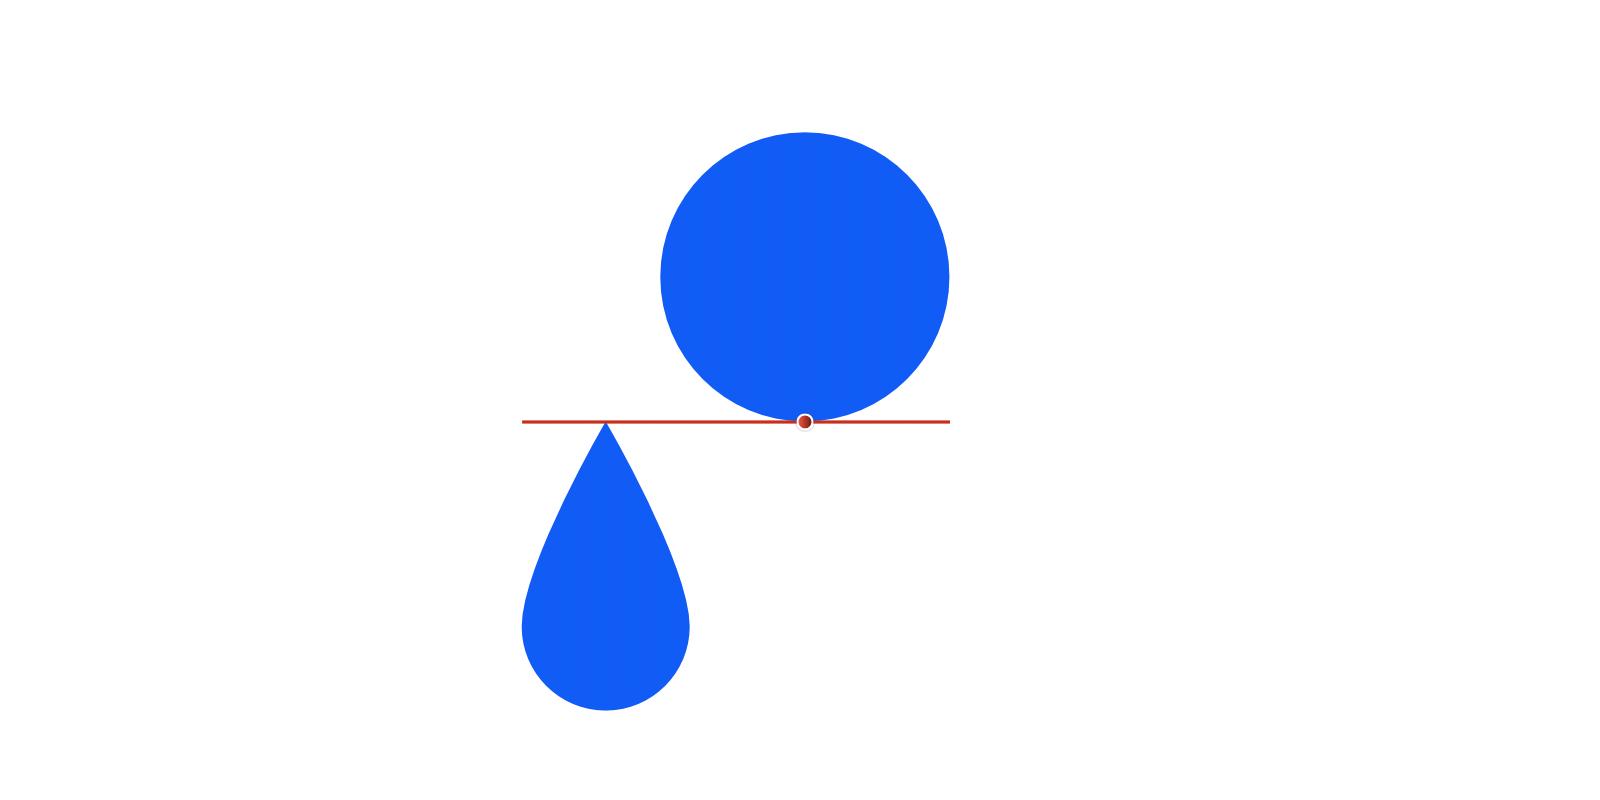 2つのオブジェクトが最下部と最上部でスナップして、間に赤い横線とノードでスナップした状態が表されている